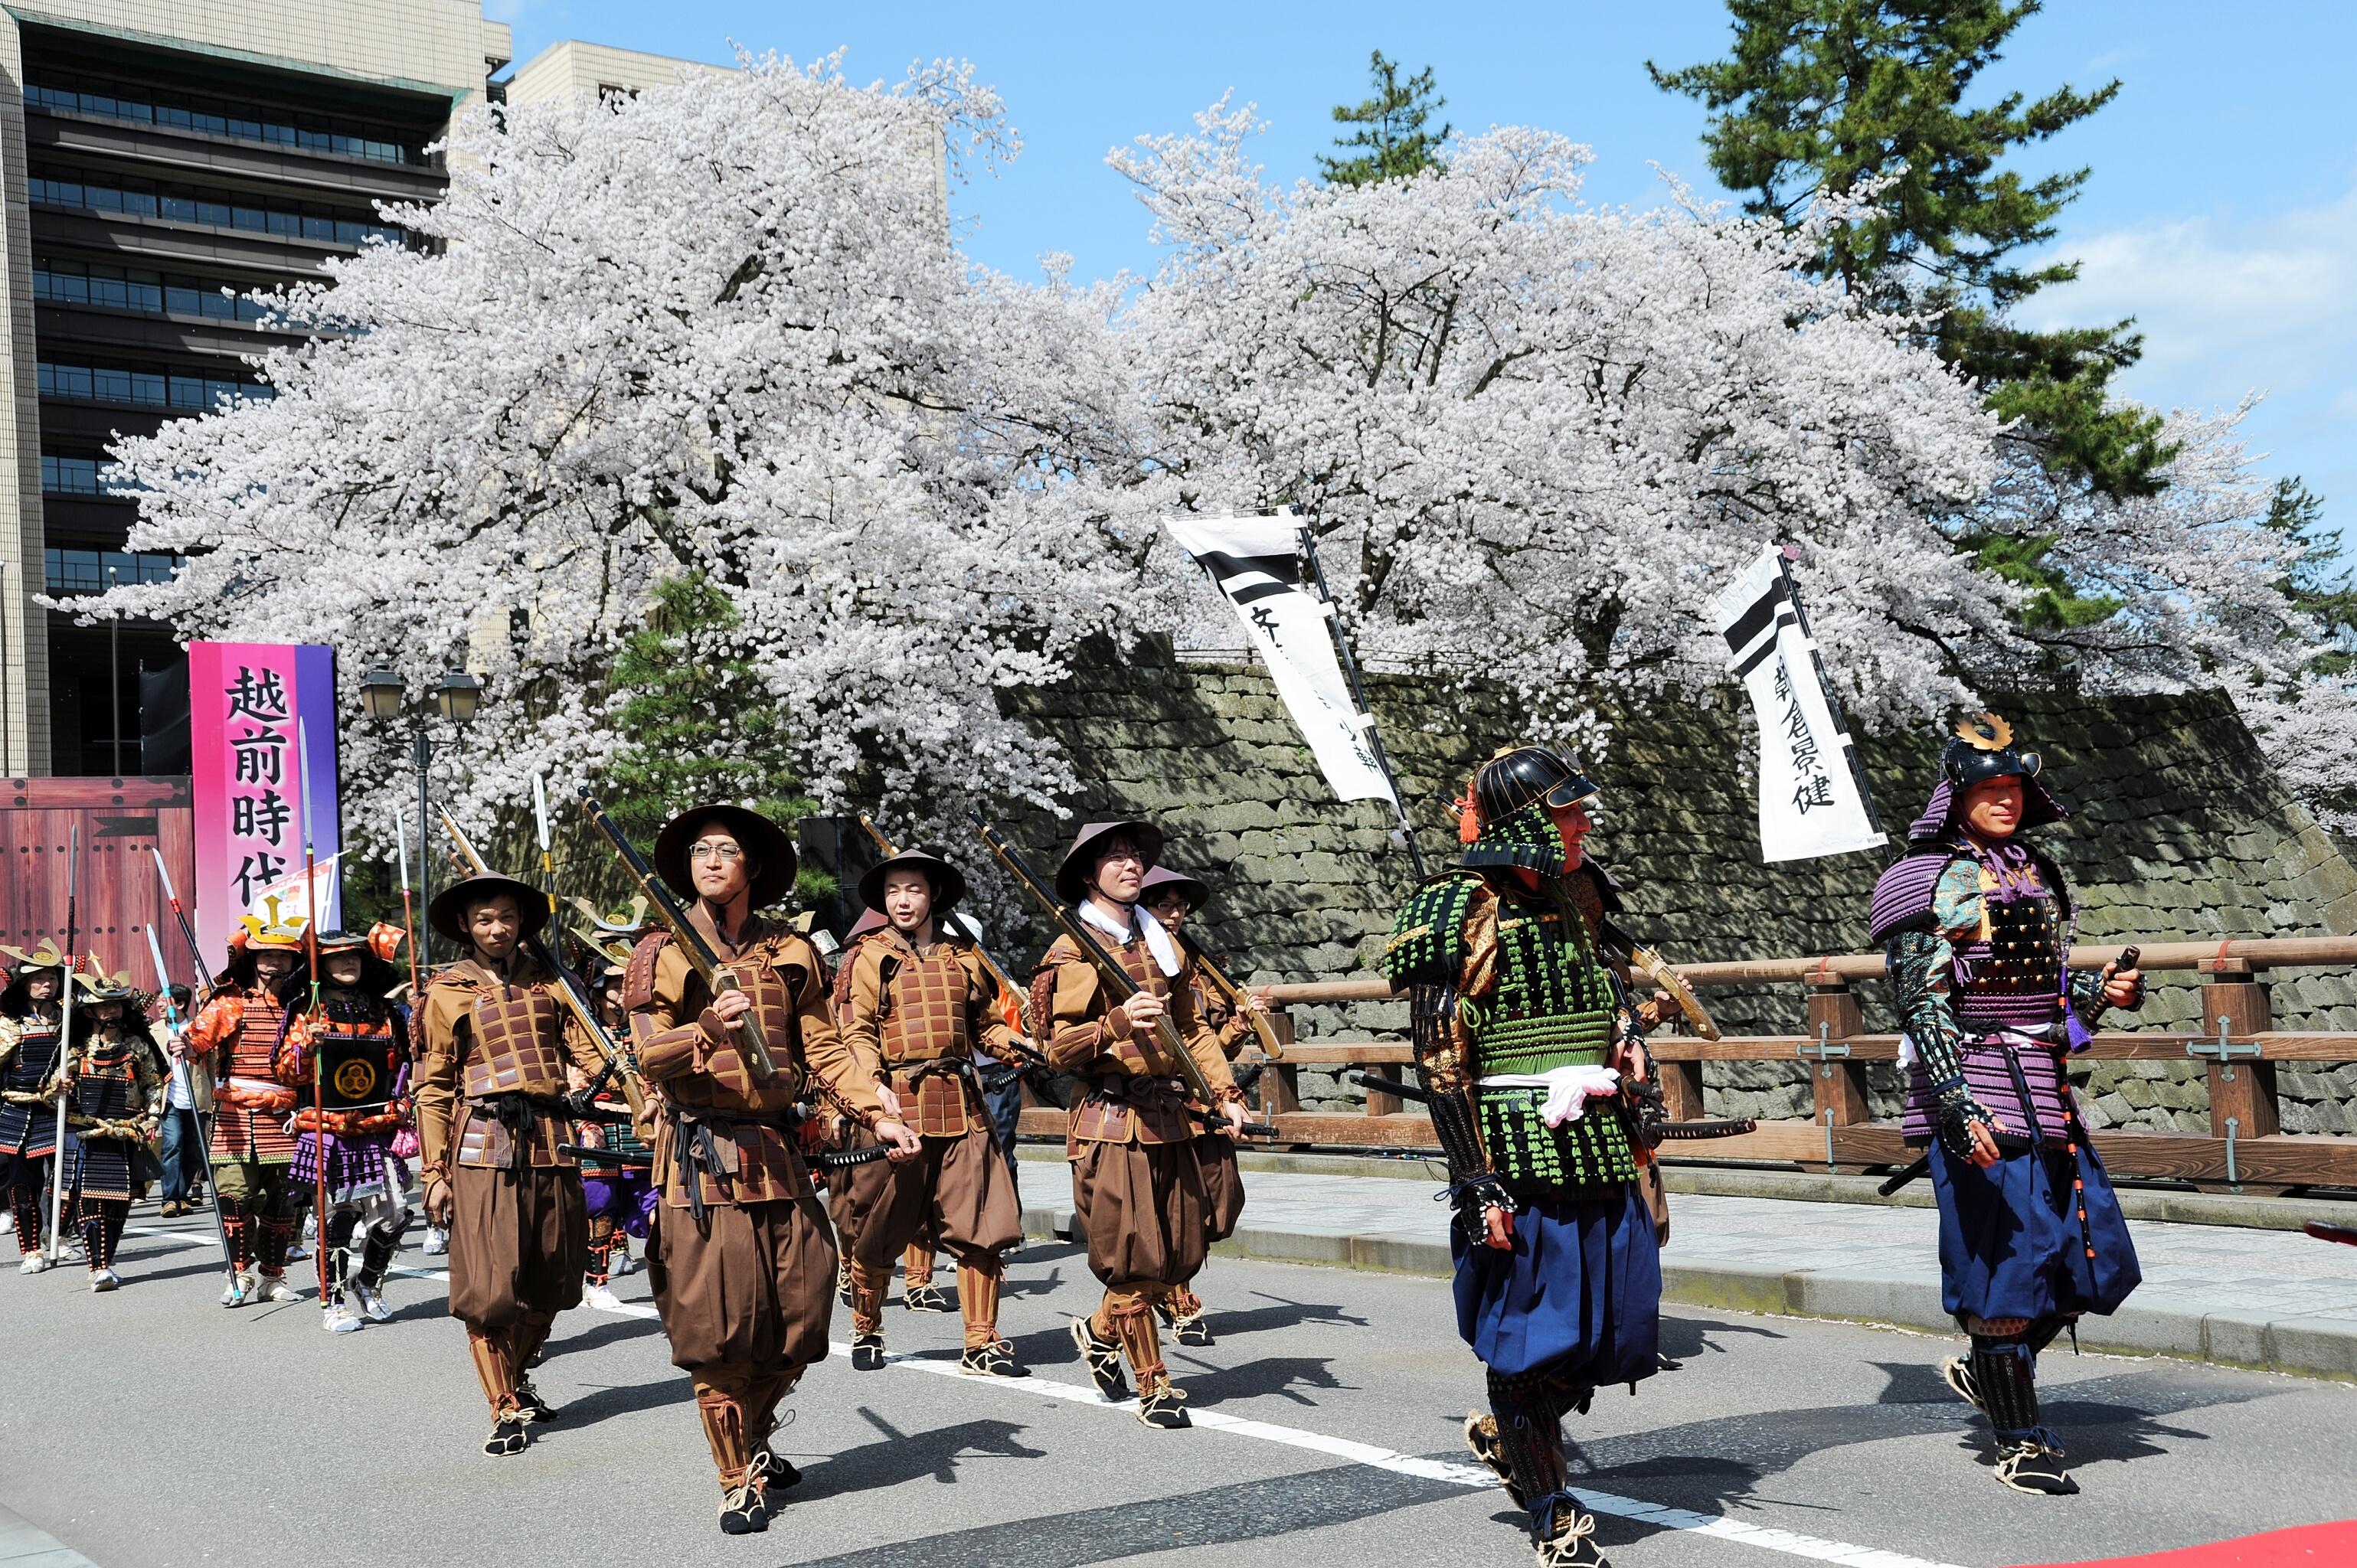 福井市で味わいたいっ♡福井市のおすすめランチスポット4選!のサムネイル画像